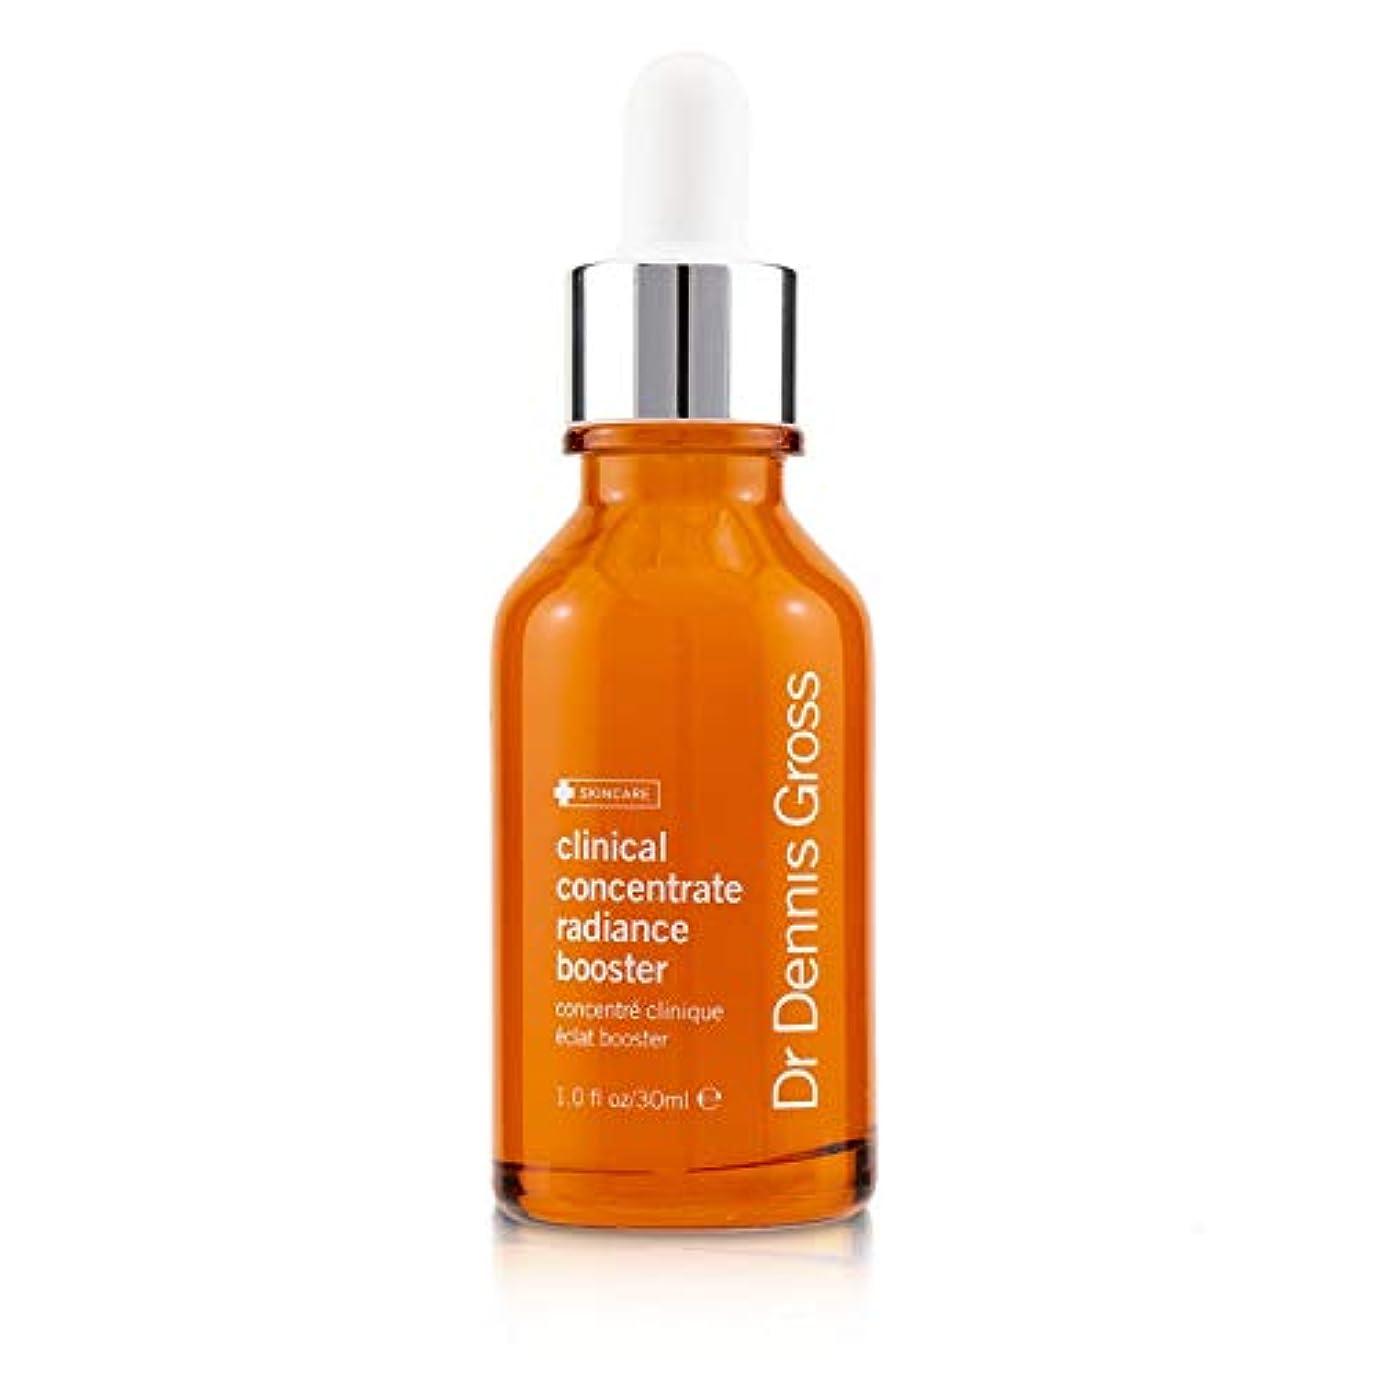 投獄トランスペアレント休憩するドクターデニスグロス Clinical Concentrate Radiance Booster (Salon Product) 30ml/1oz並行輸入品